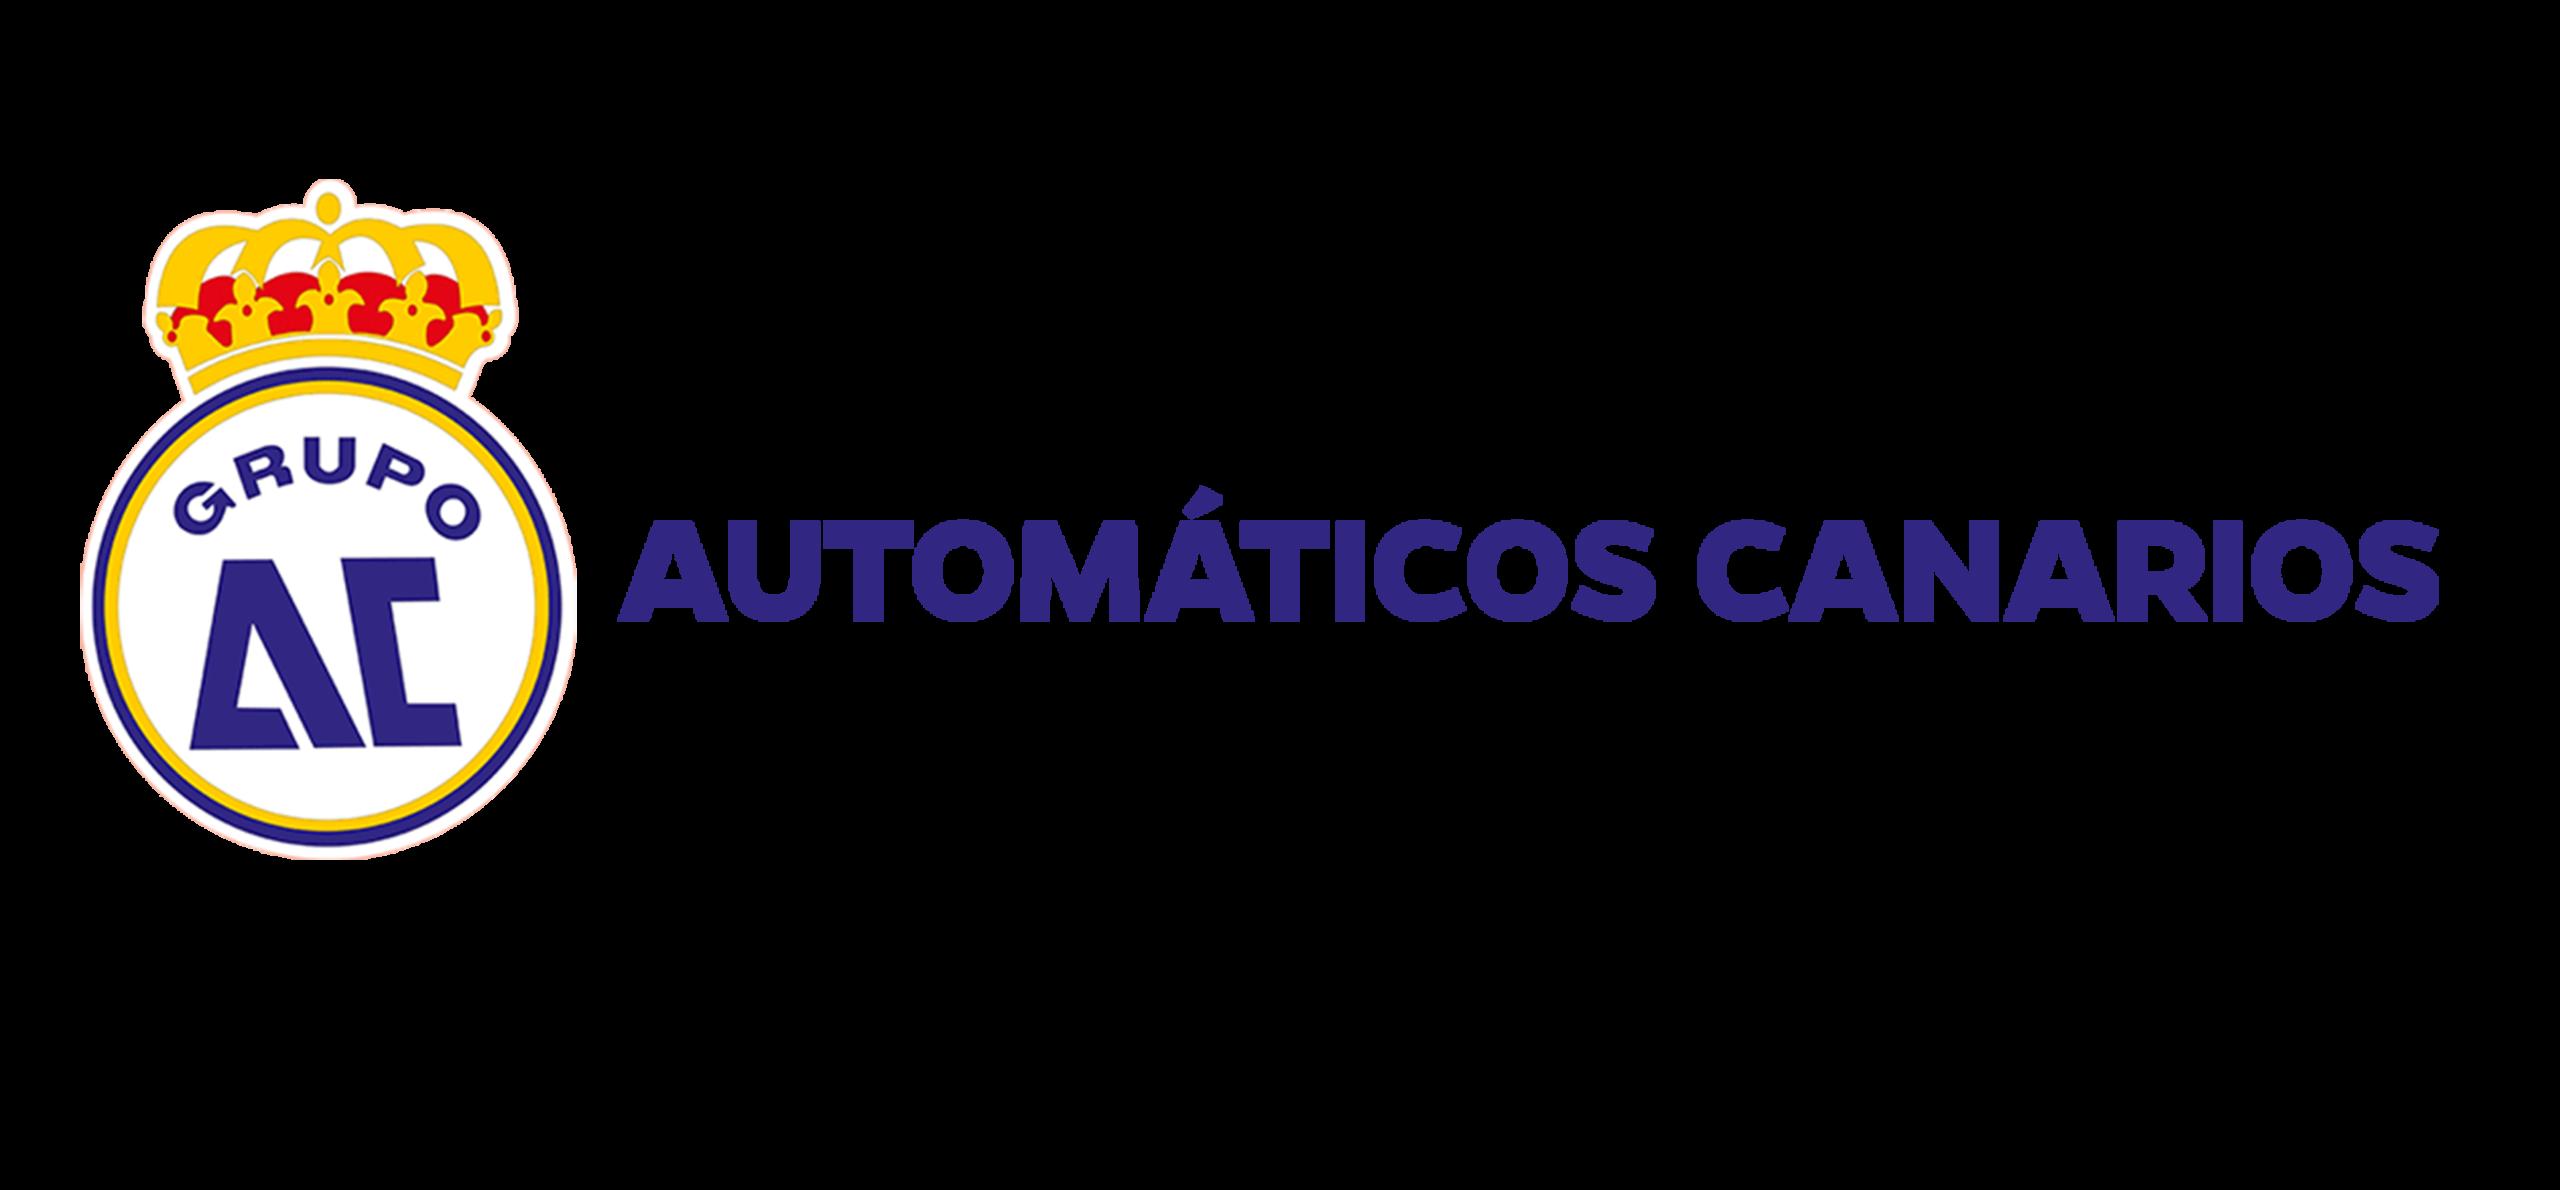 Automaticos Canarios